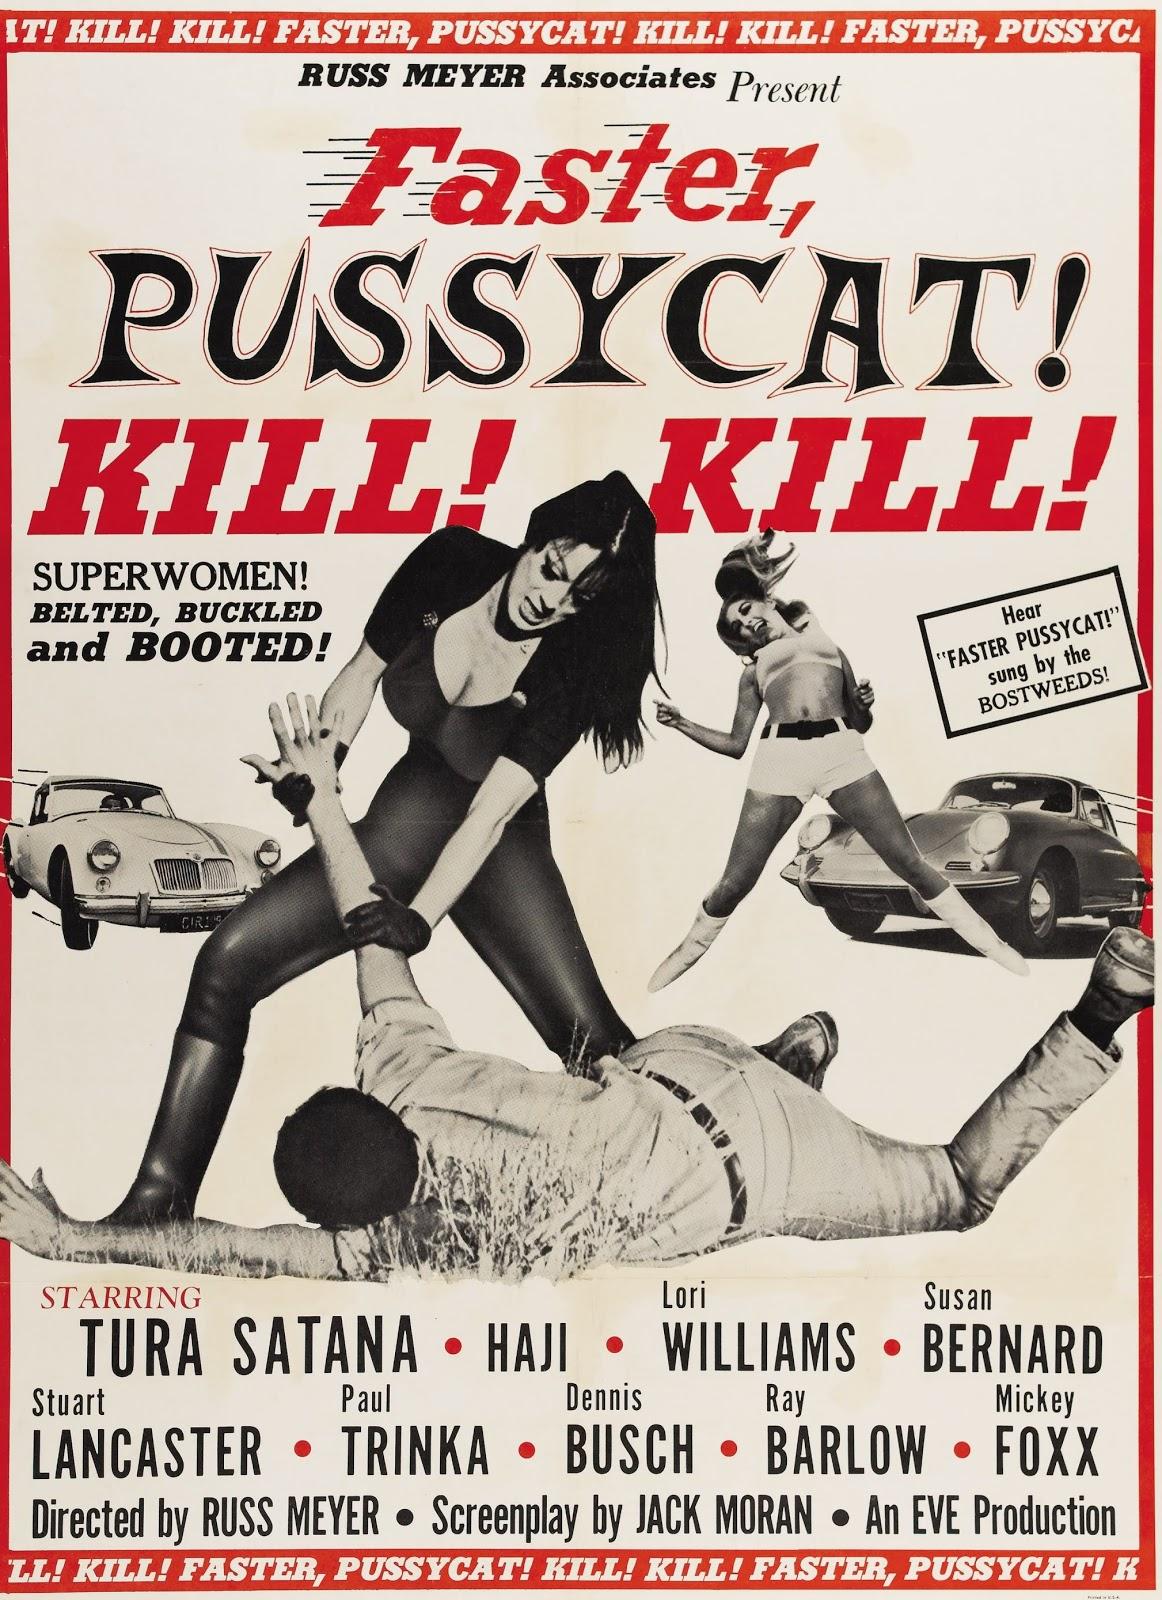 faster_pussycat_kill_kill_poster_03.jpg